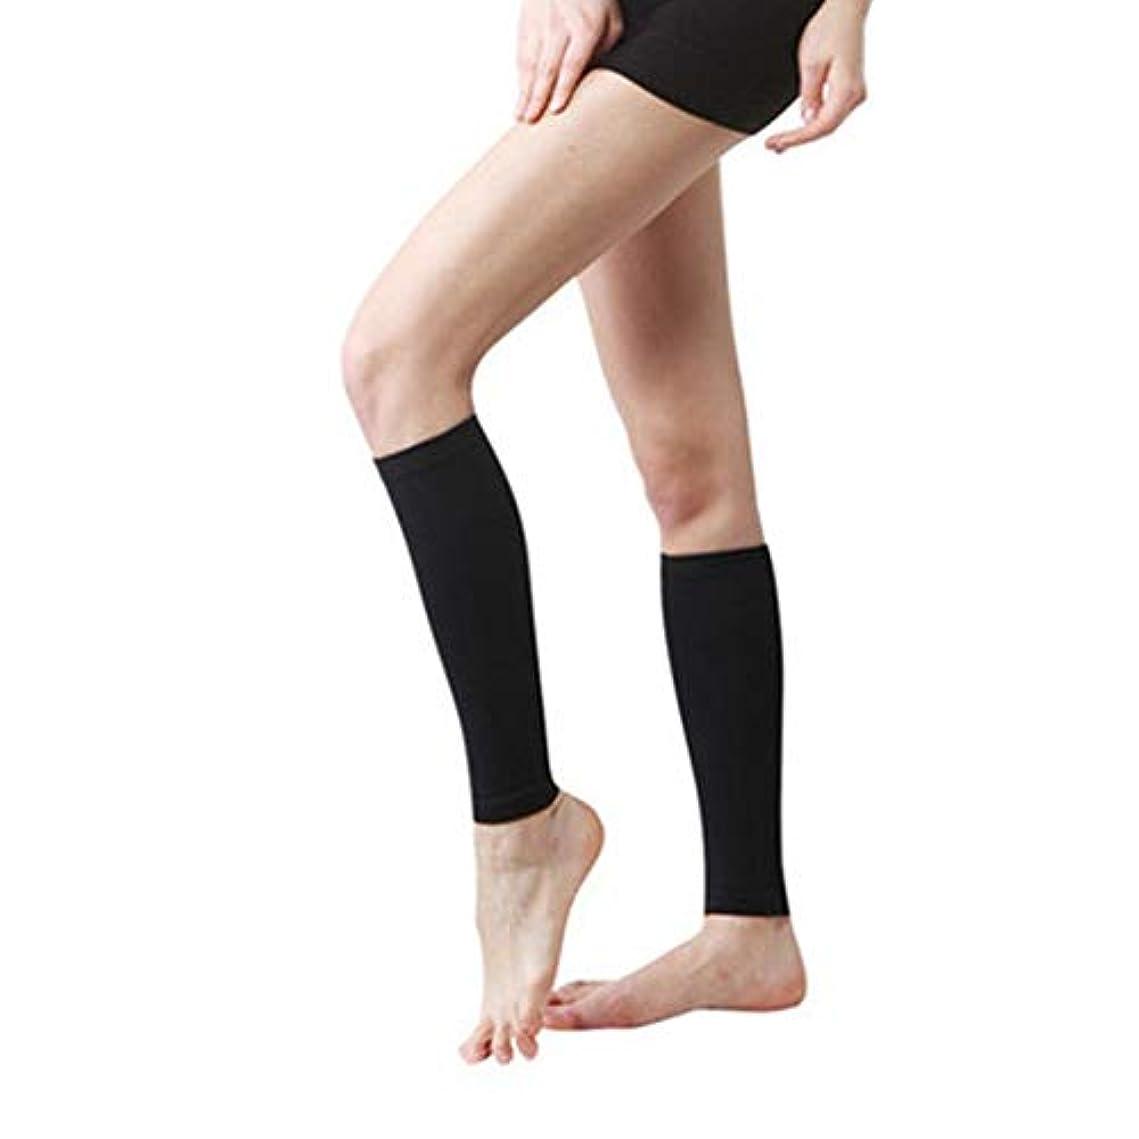 出発父方の傾向があります丈夫な男性女性プロの圧縮靴下通気性のある旅行活動看護師用シンススプリントフライトトラベル - ブラック